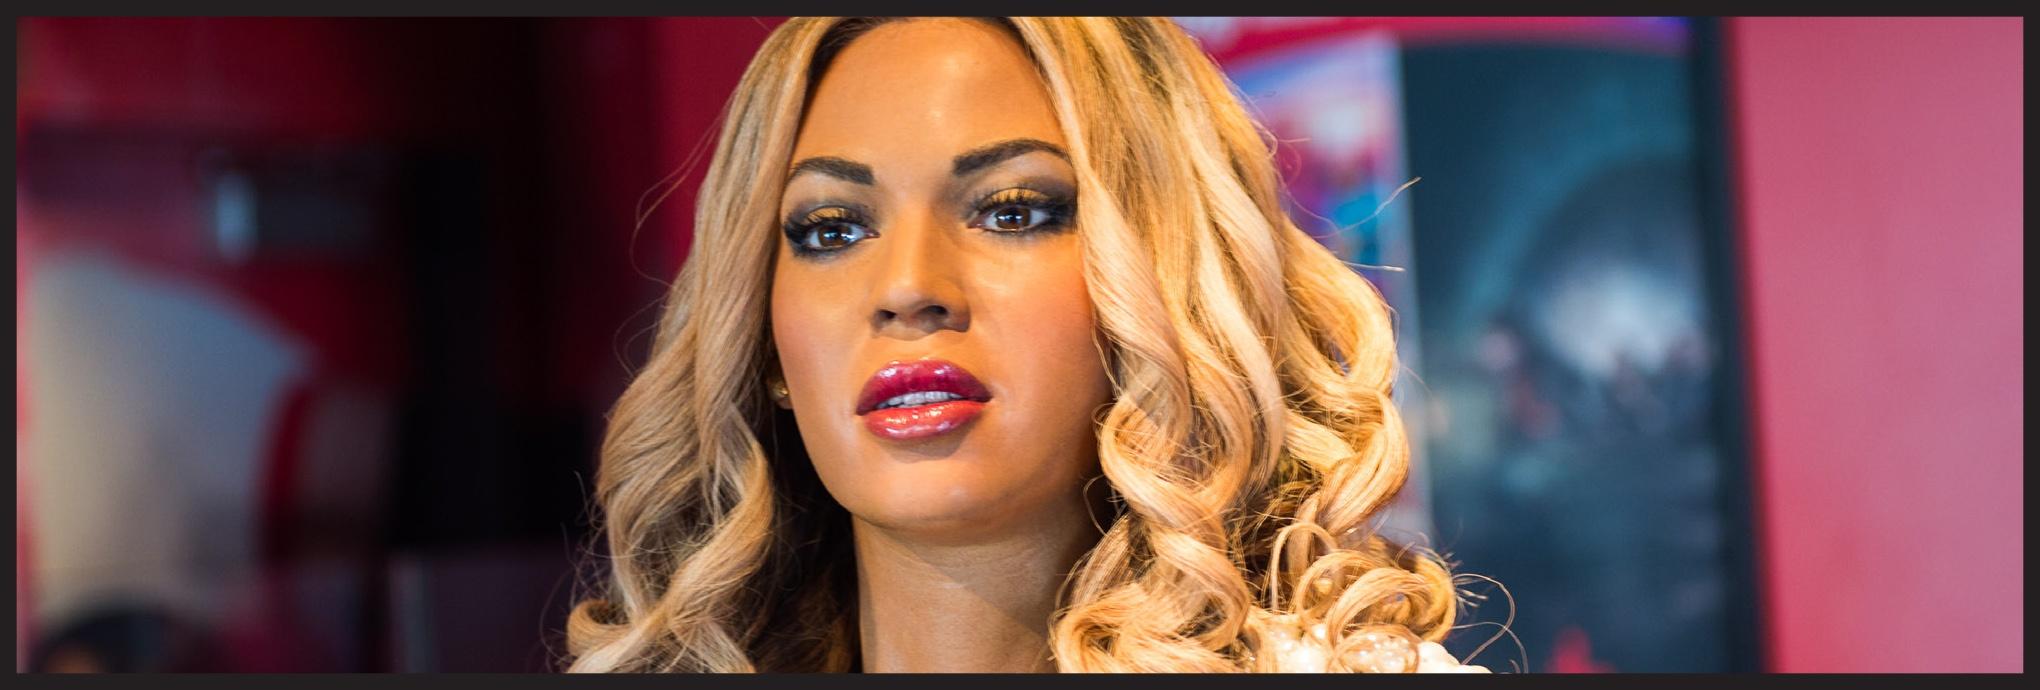 WMI_Search_Beyonce.jpg